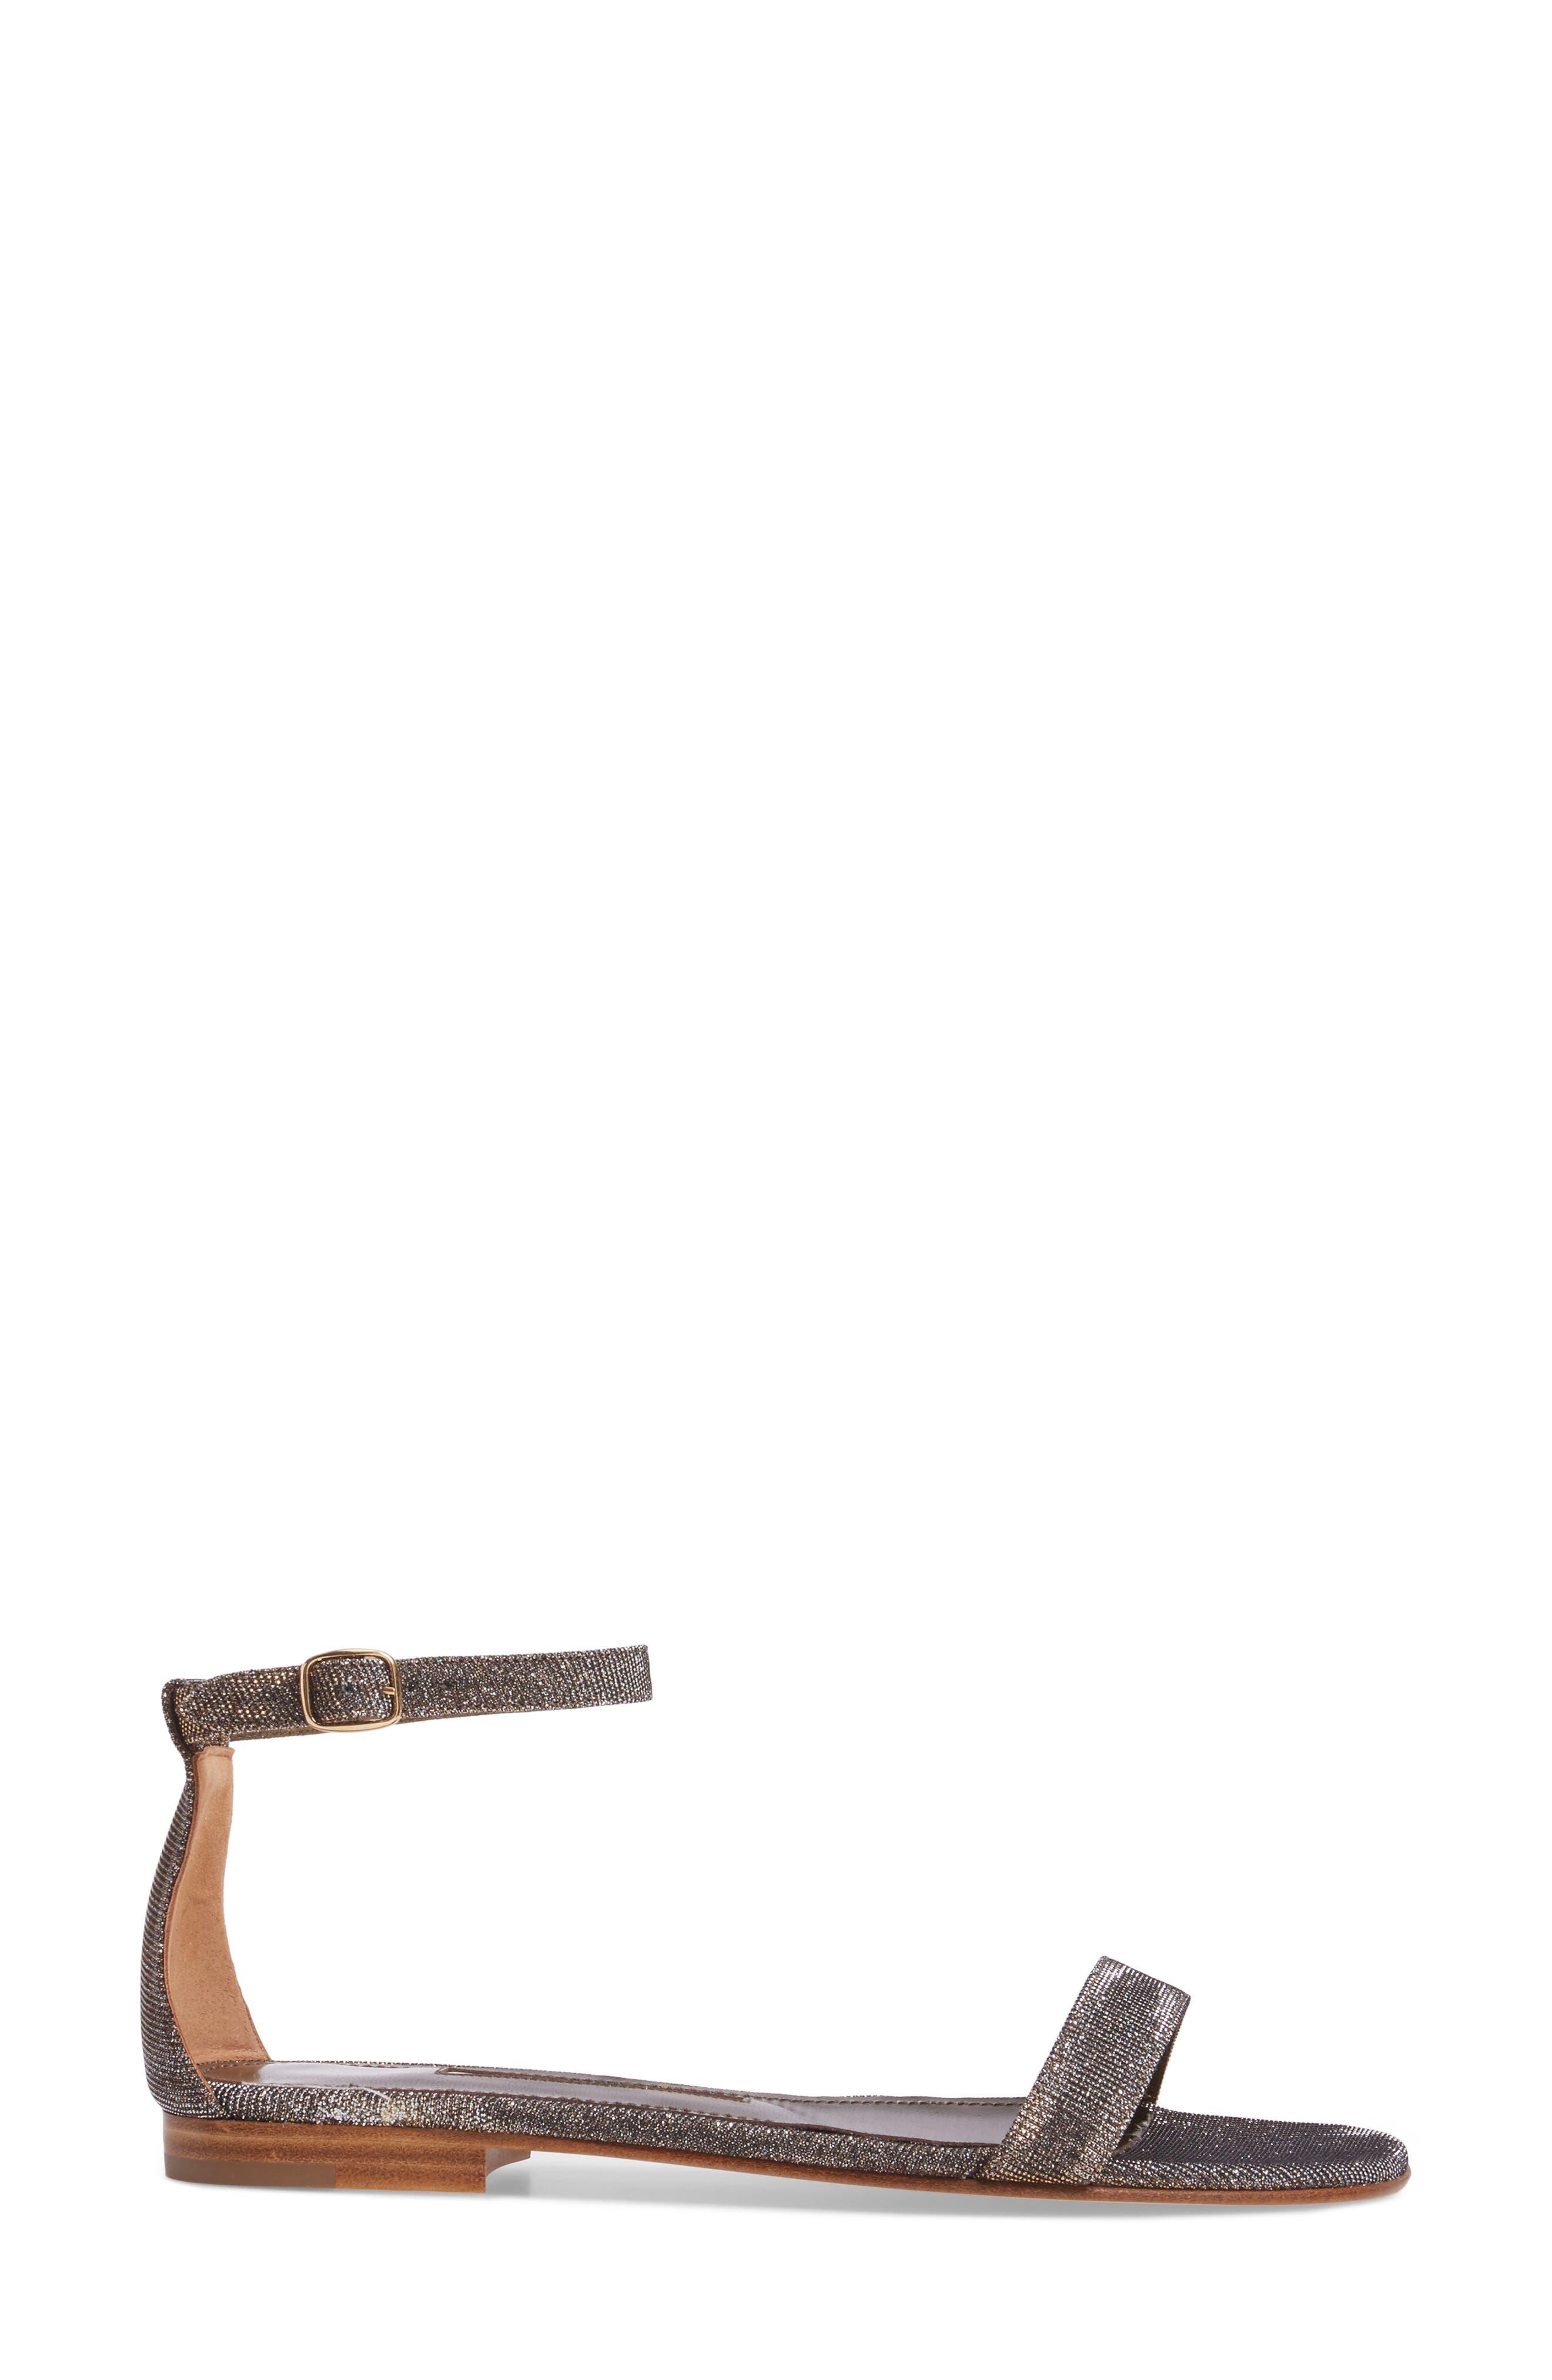 Alternate Image 3  - Manolo Blahnik Chafla Ankle Strap Sandal (Women)